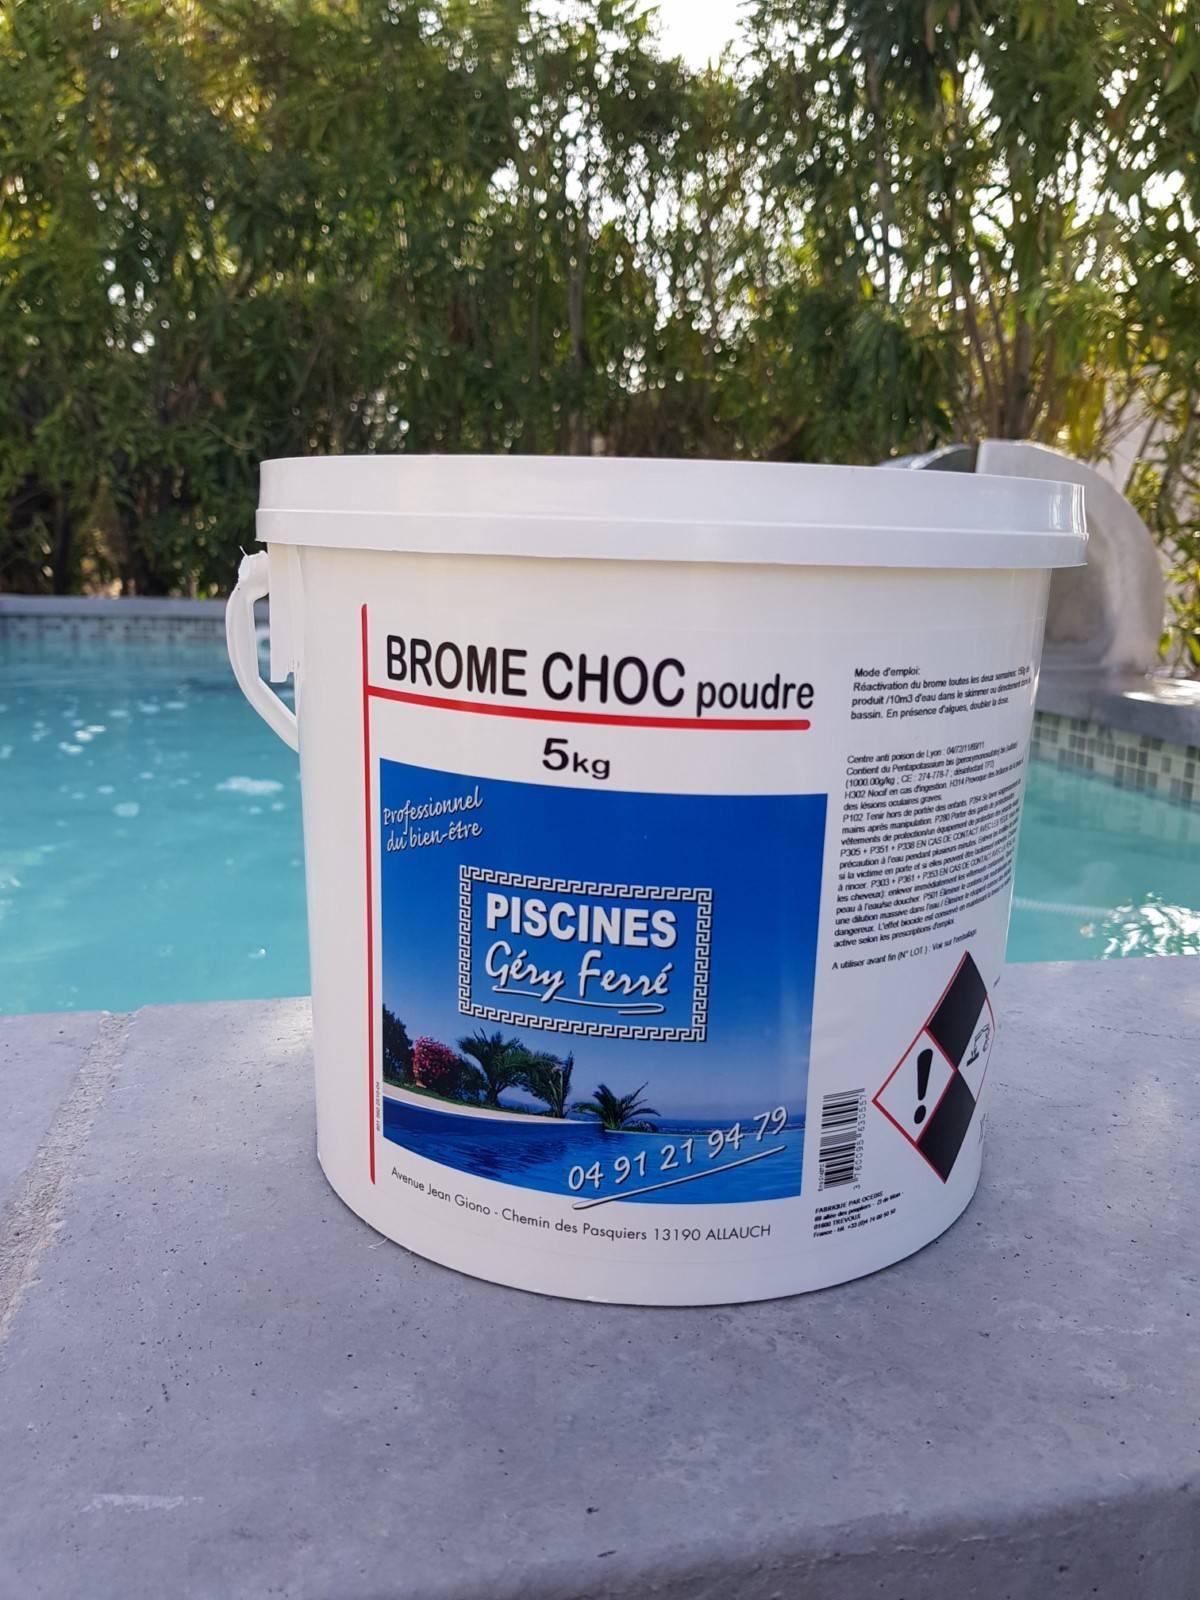 Vente Pompe De Régulation Piscine Marseille 13009 - Ferre ... intérieur Acide Chlorhydrique Piscine